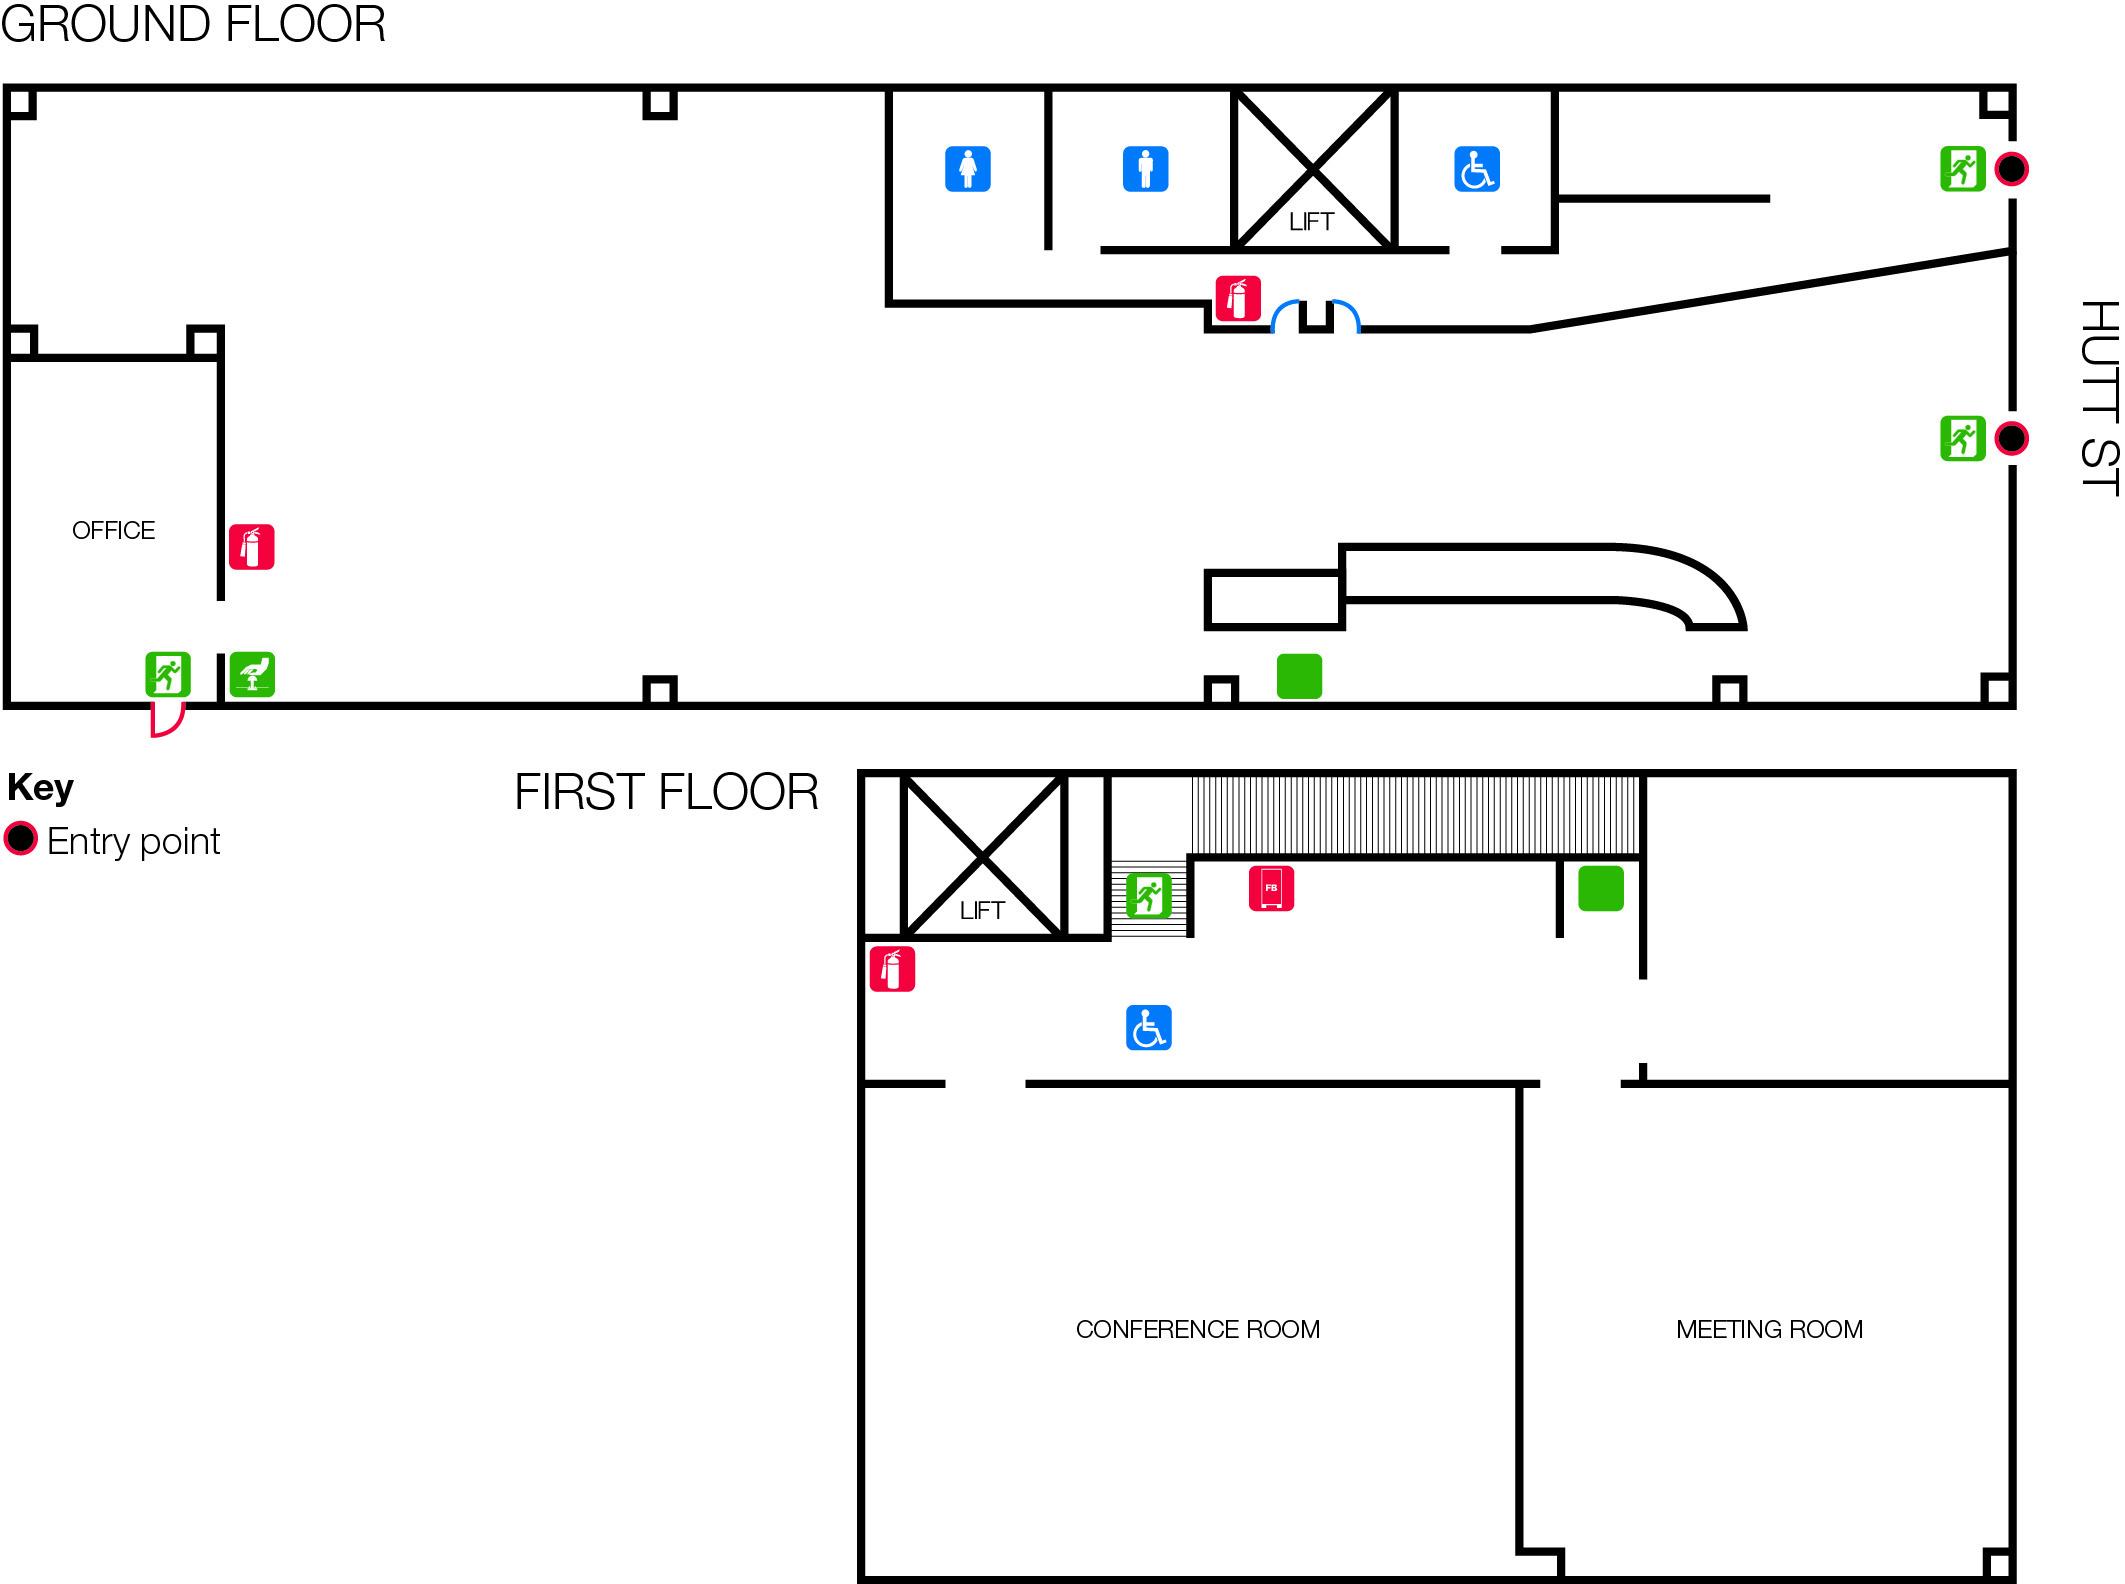 Hutt Street Library Floor Plan